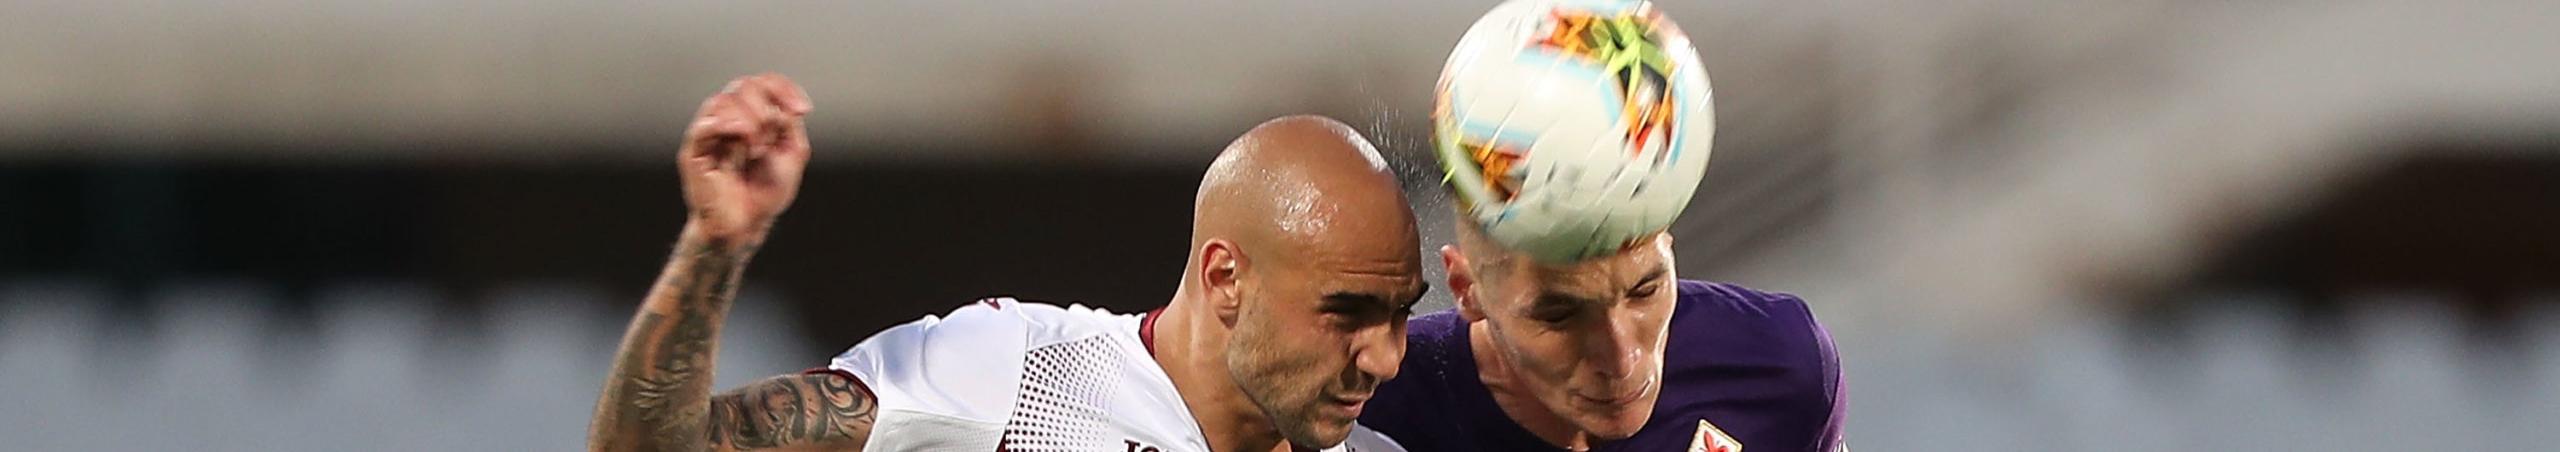 Pronostico Fiorentina-Torino, la Serie A riparte con la sfida tra viola e granata - le ultimissime